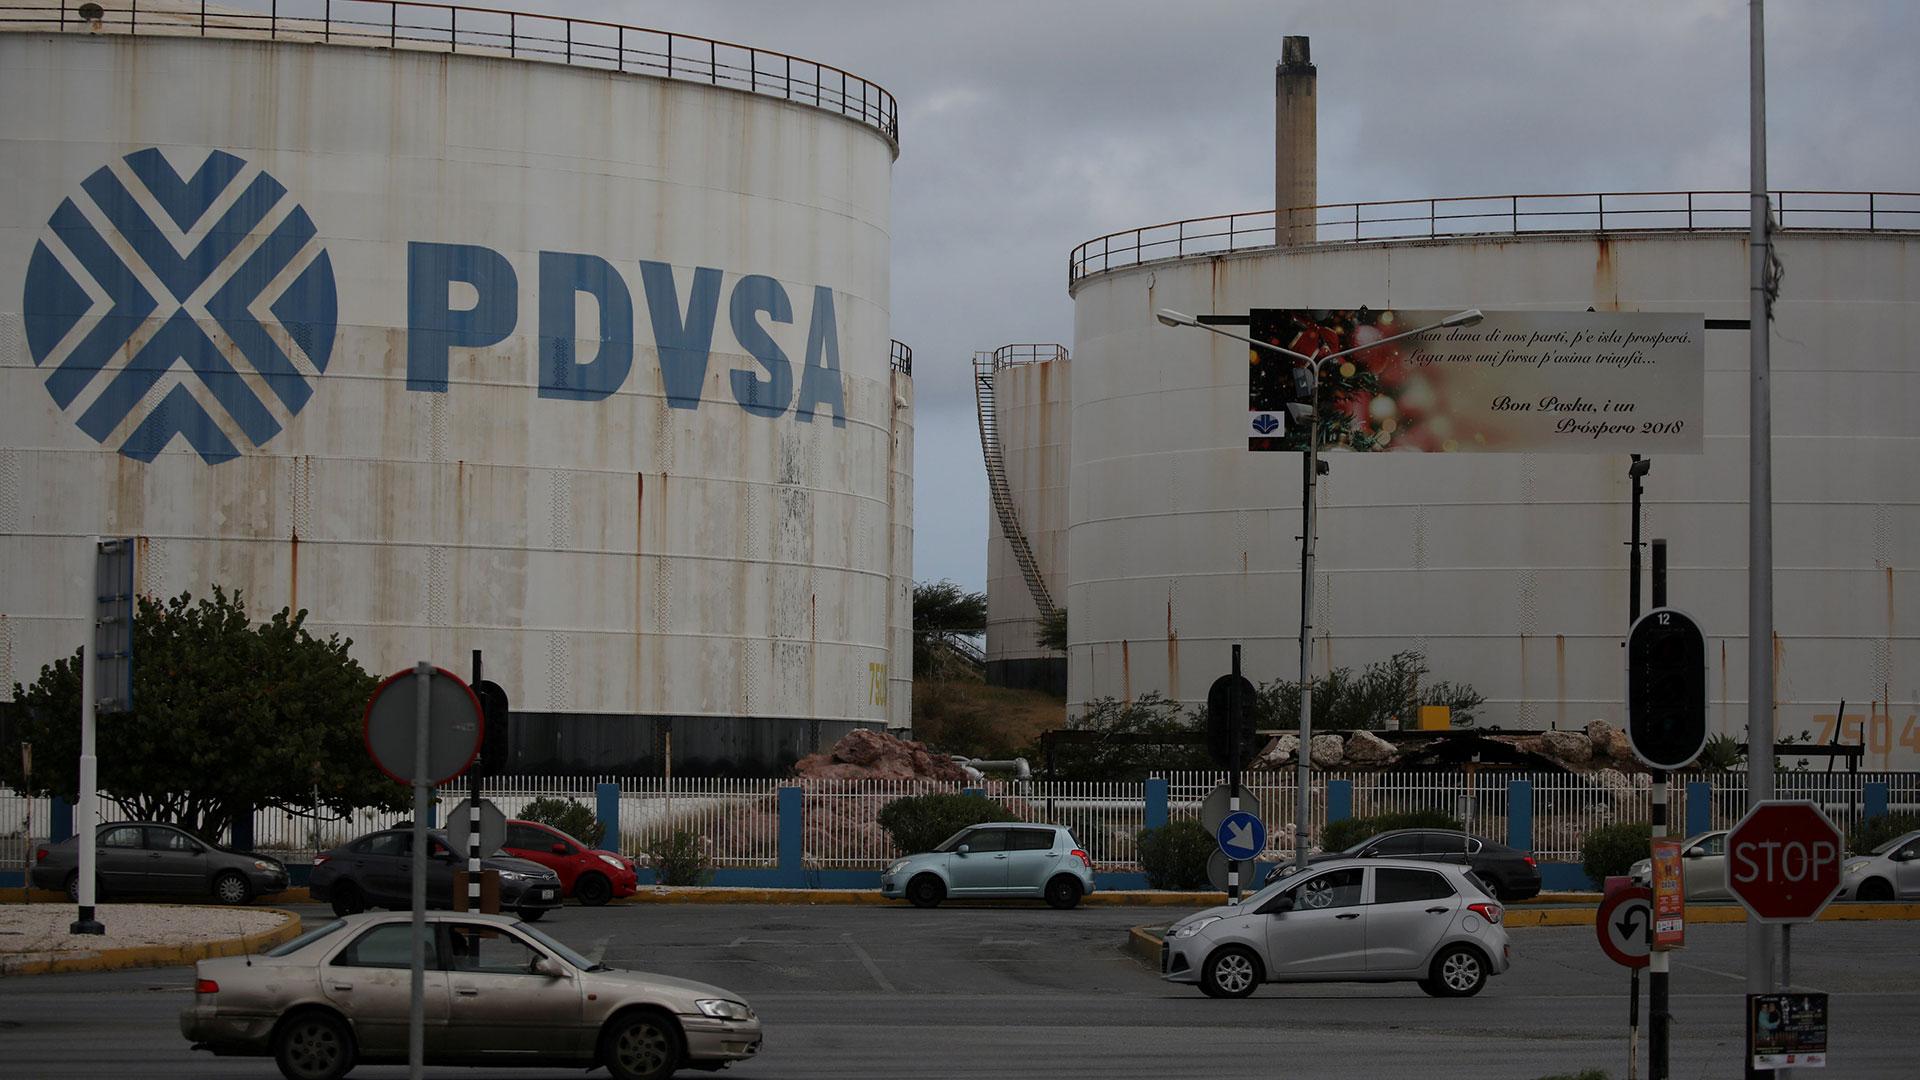 PDVSA genera el 96 de las divisas de Venezuela (Reuters)